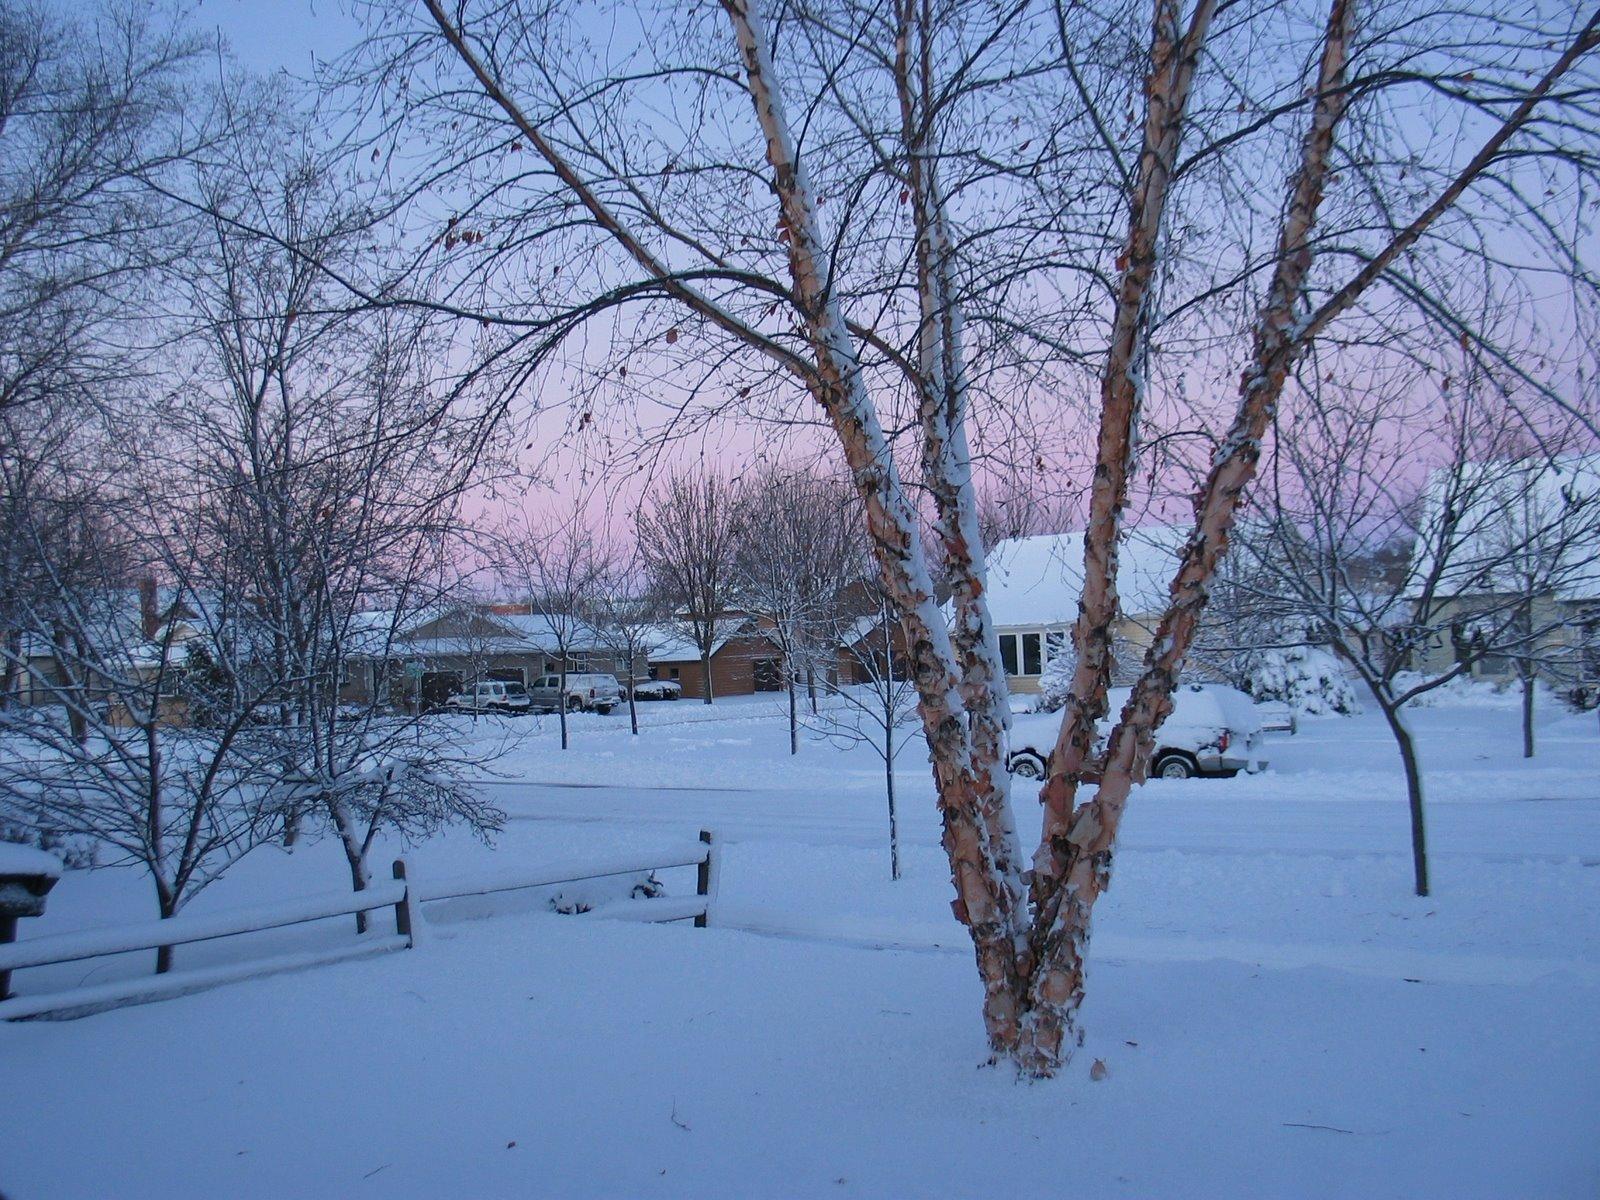 [snow1.jpg]